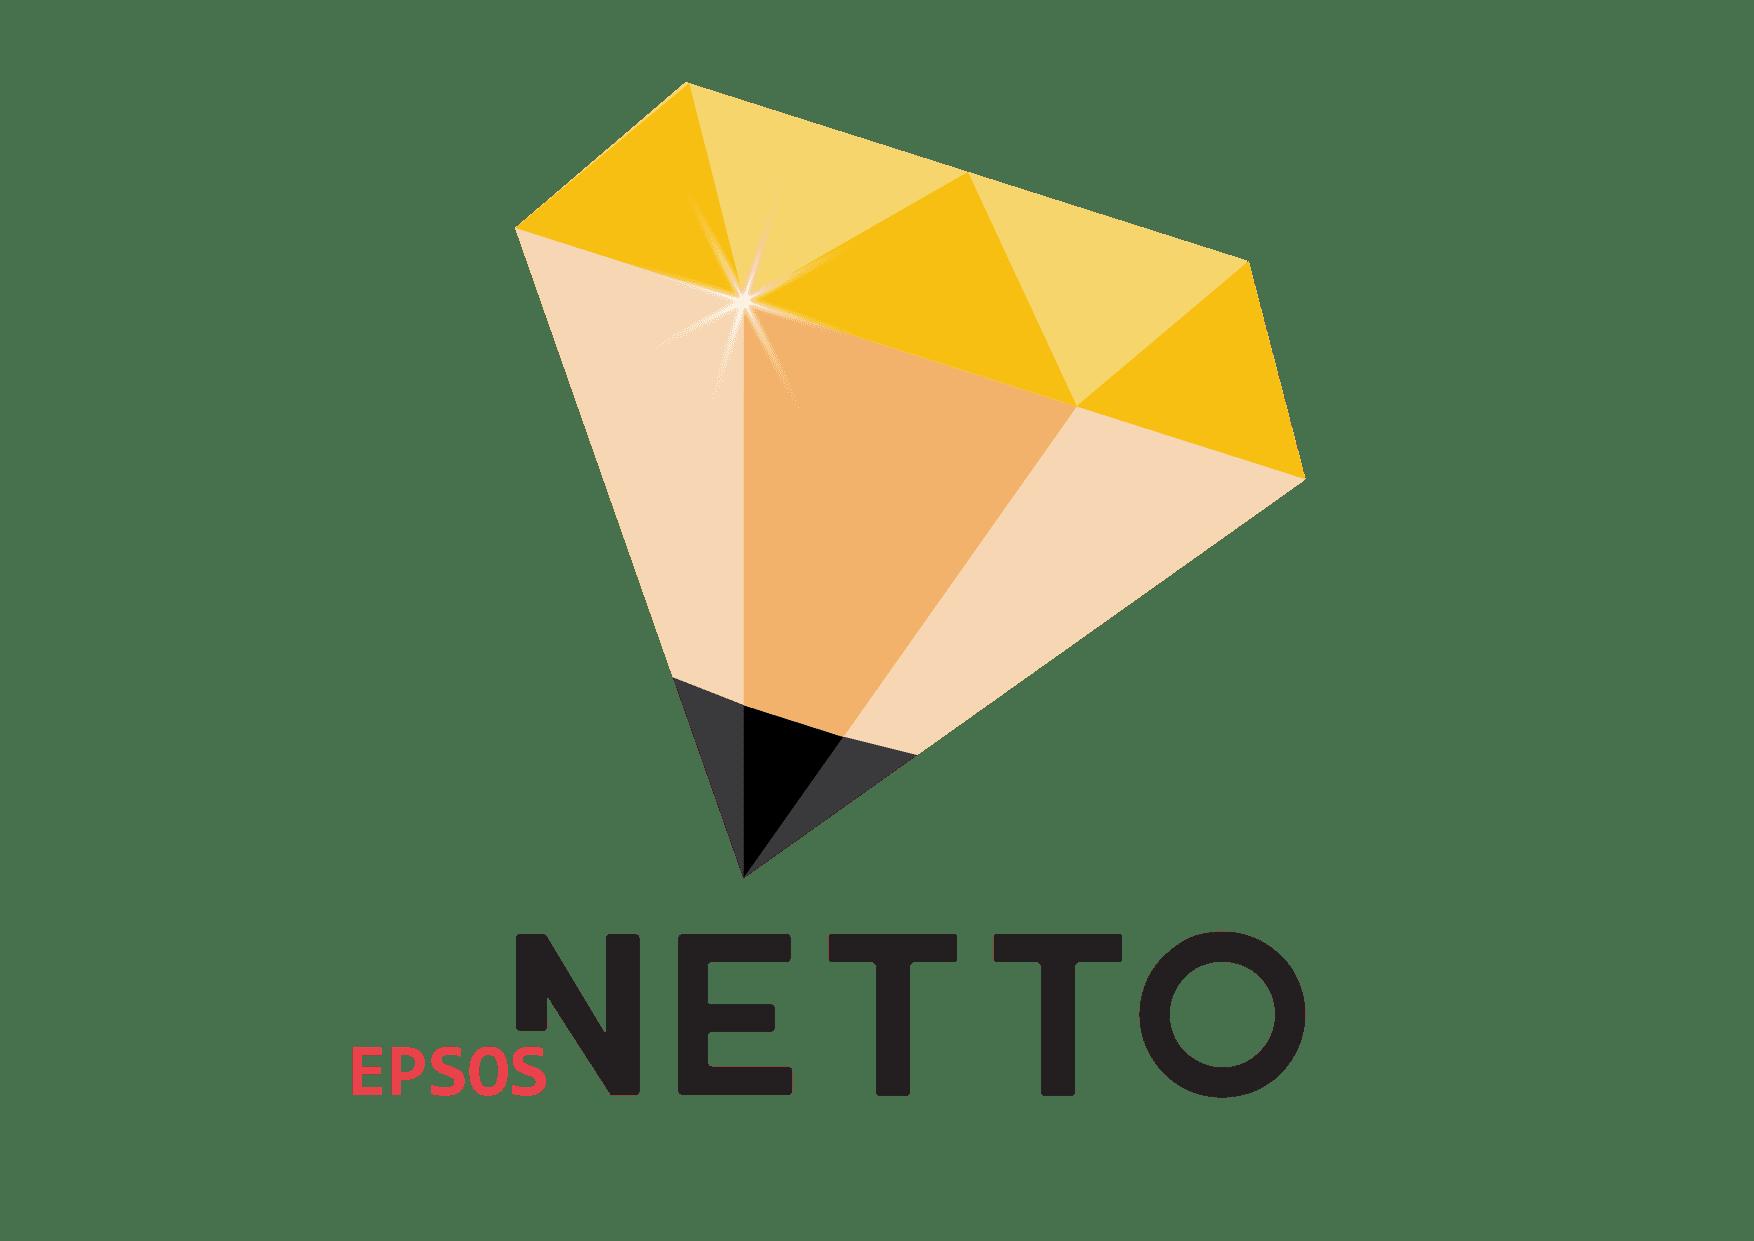 logo netto-01